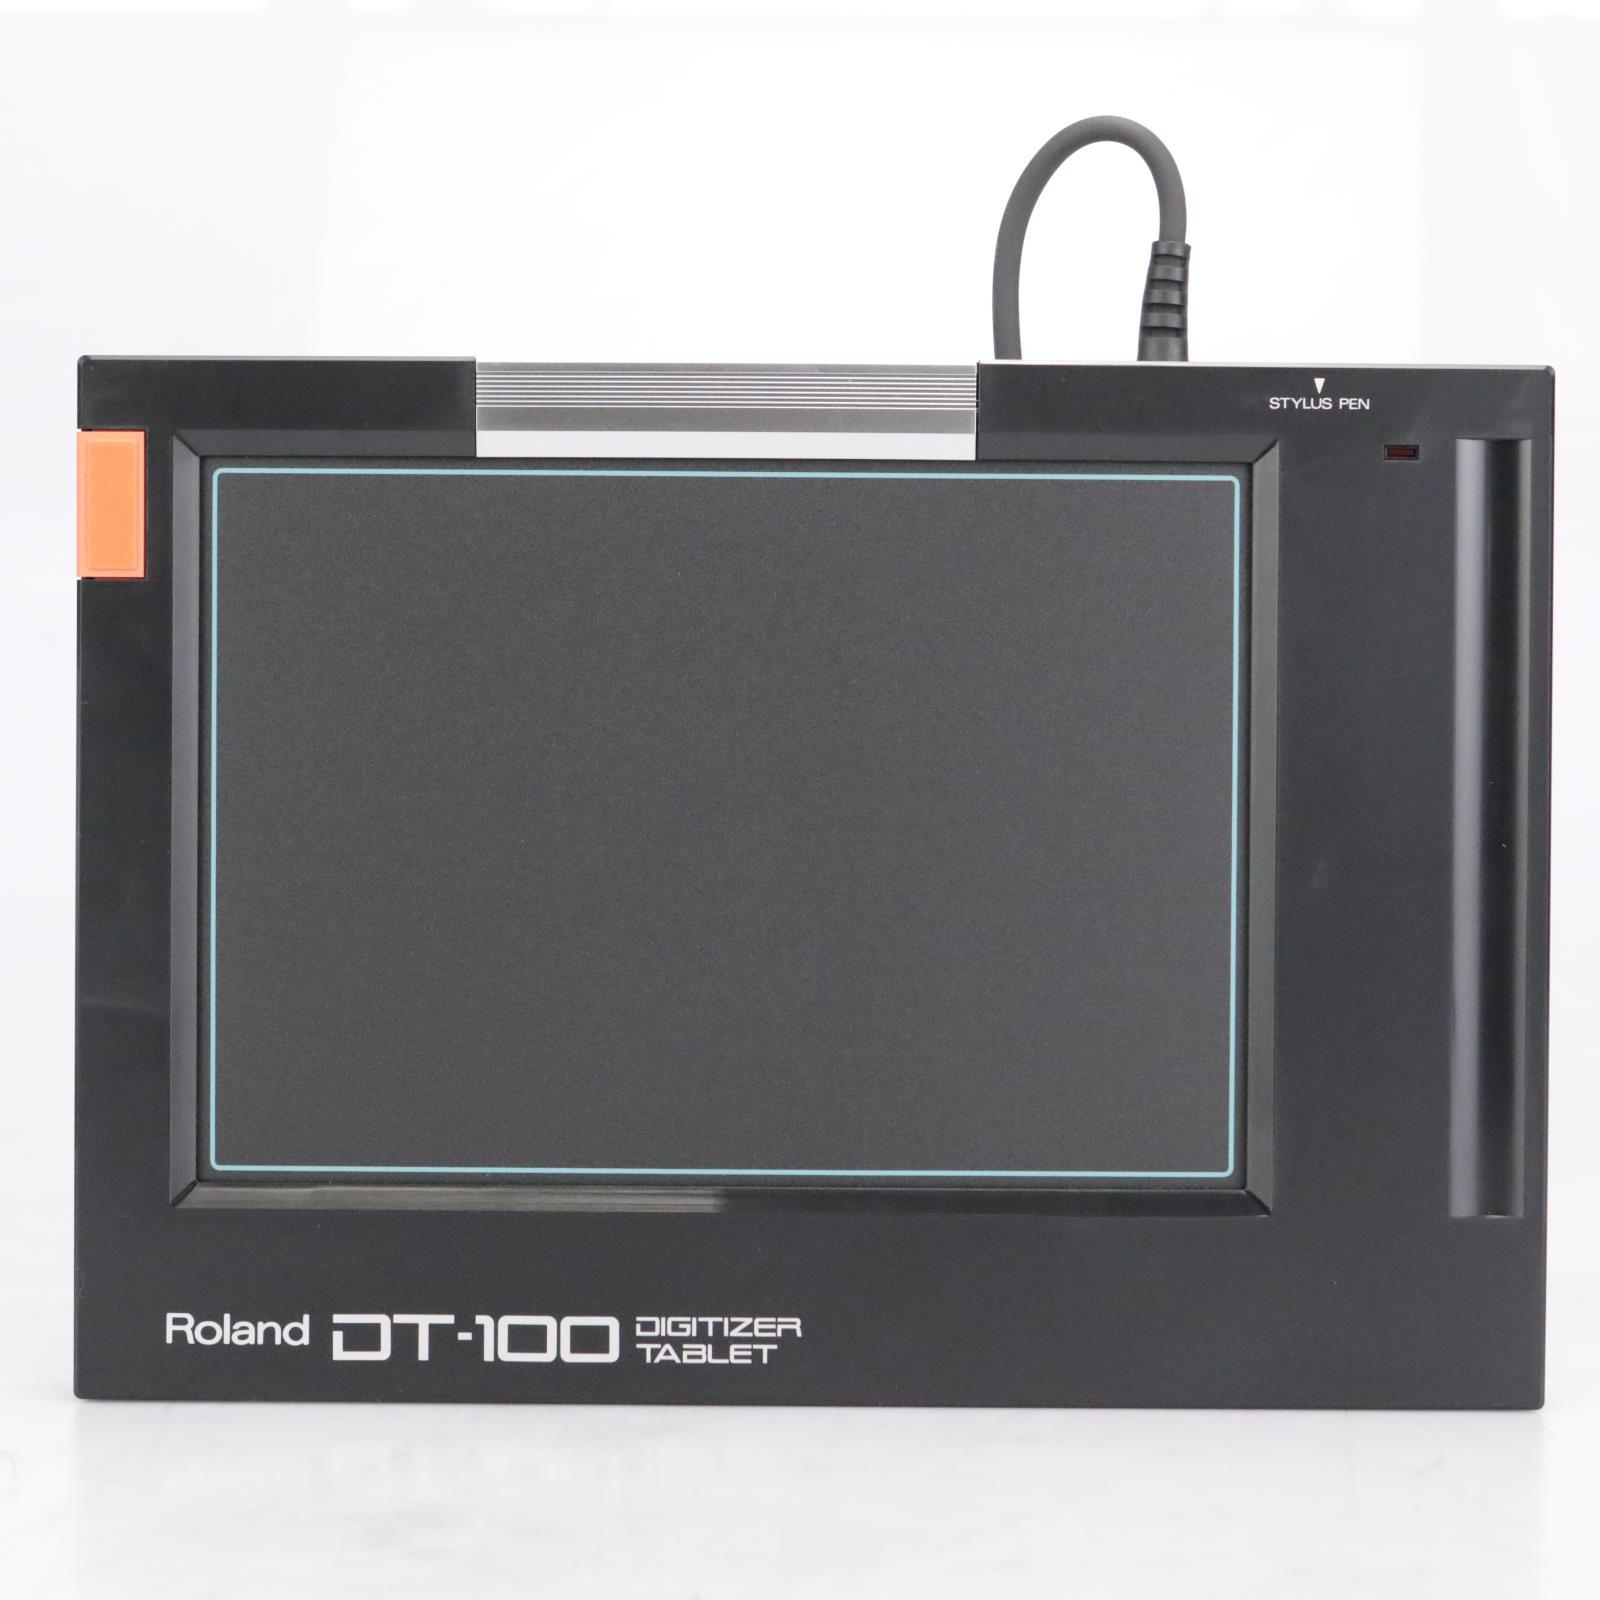 Roland DT-100 Digitizer Tablet for S-50 #42691